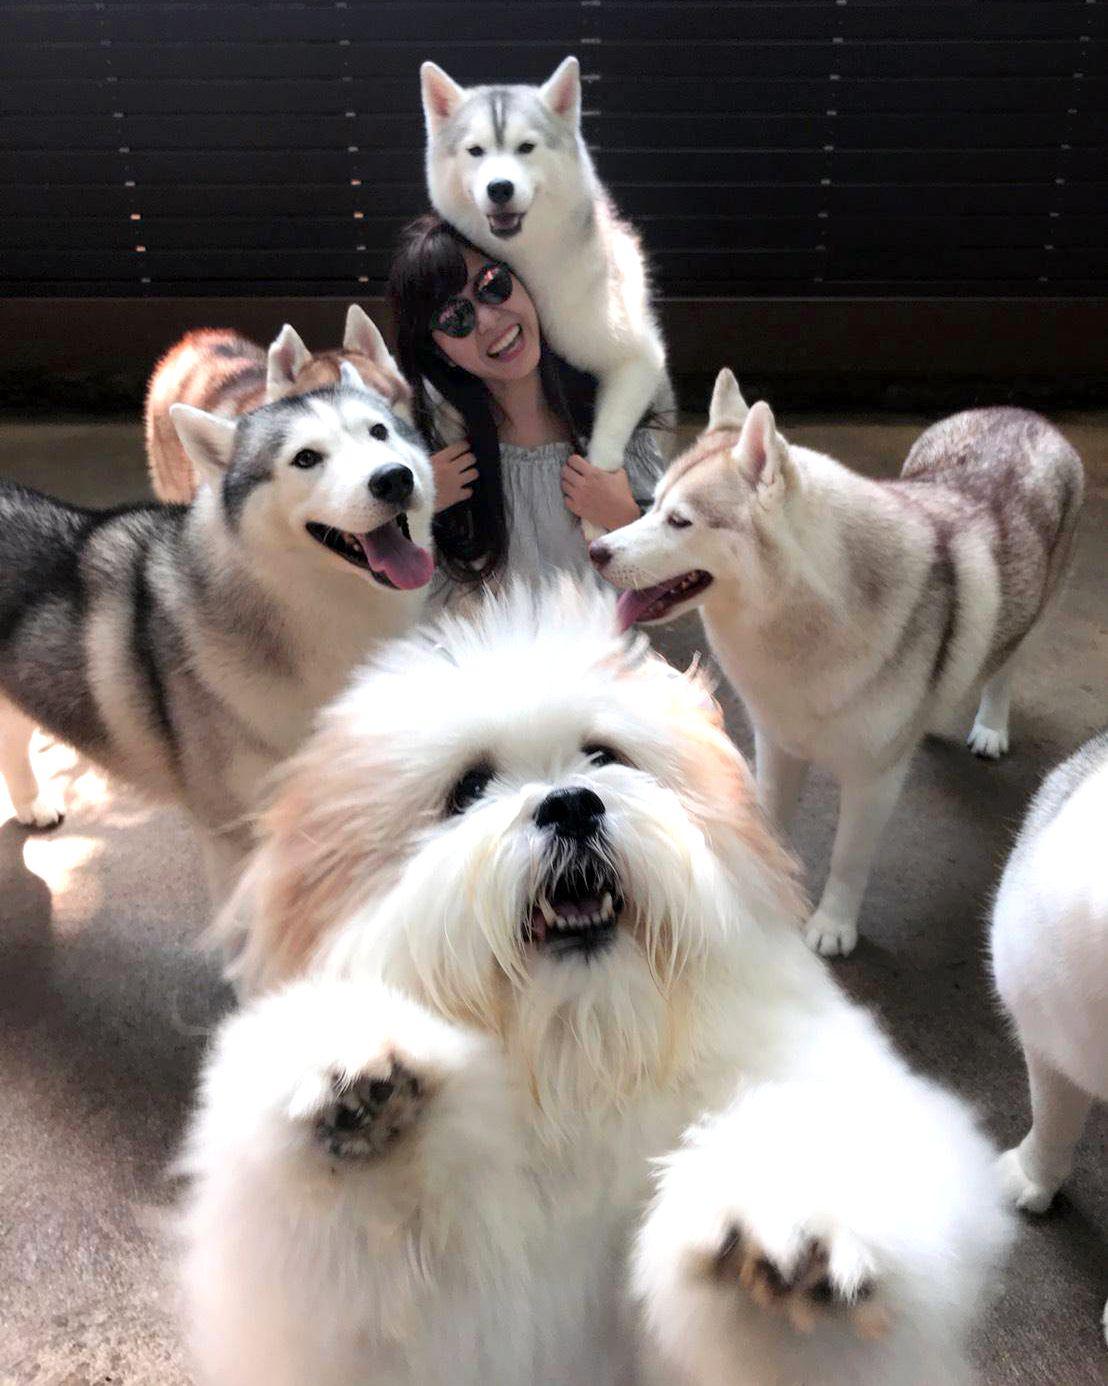 バンコクに犬カフェ!?「TrueLove@Neverland」は犬好き必見モフリ天国